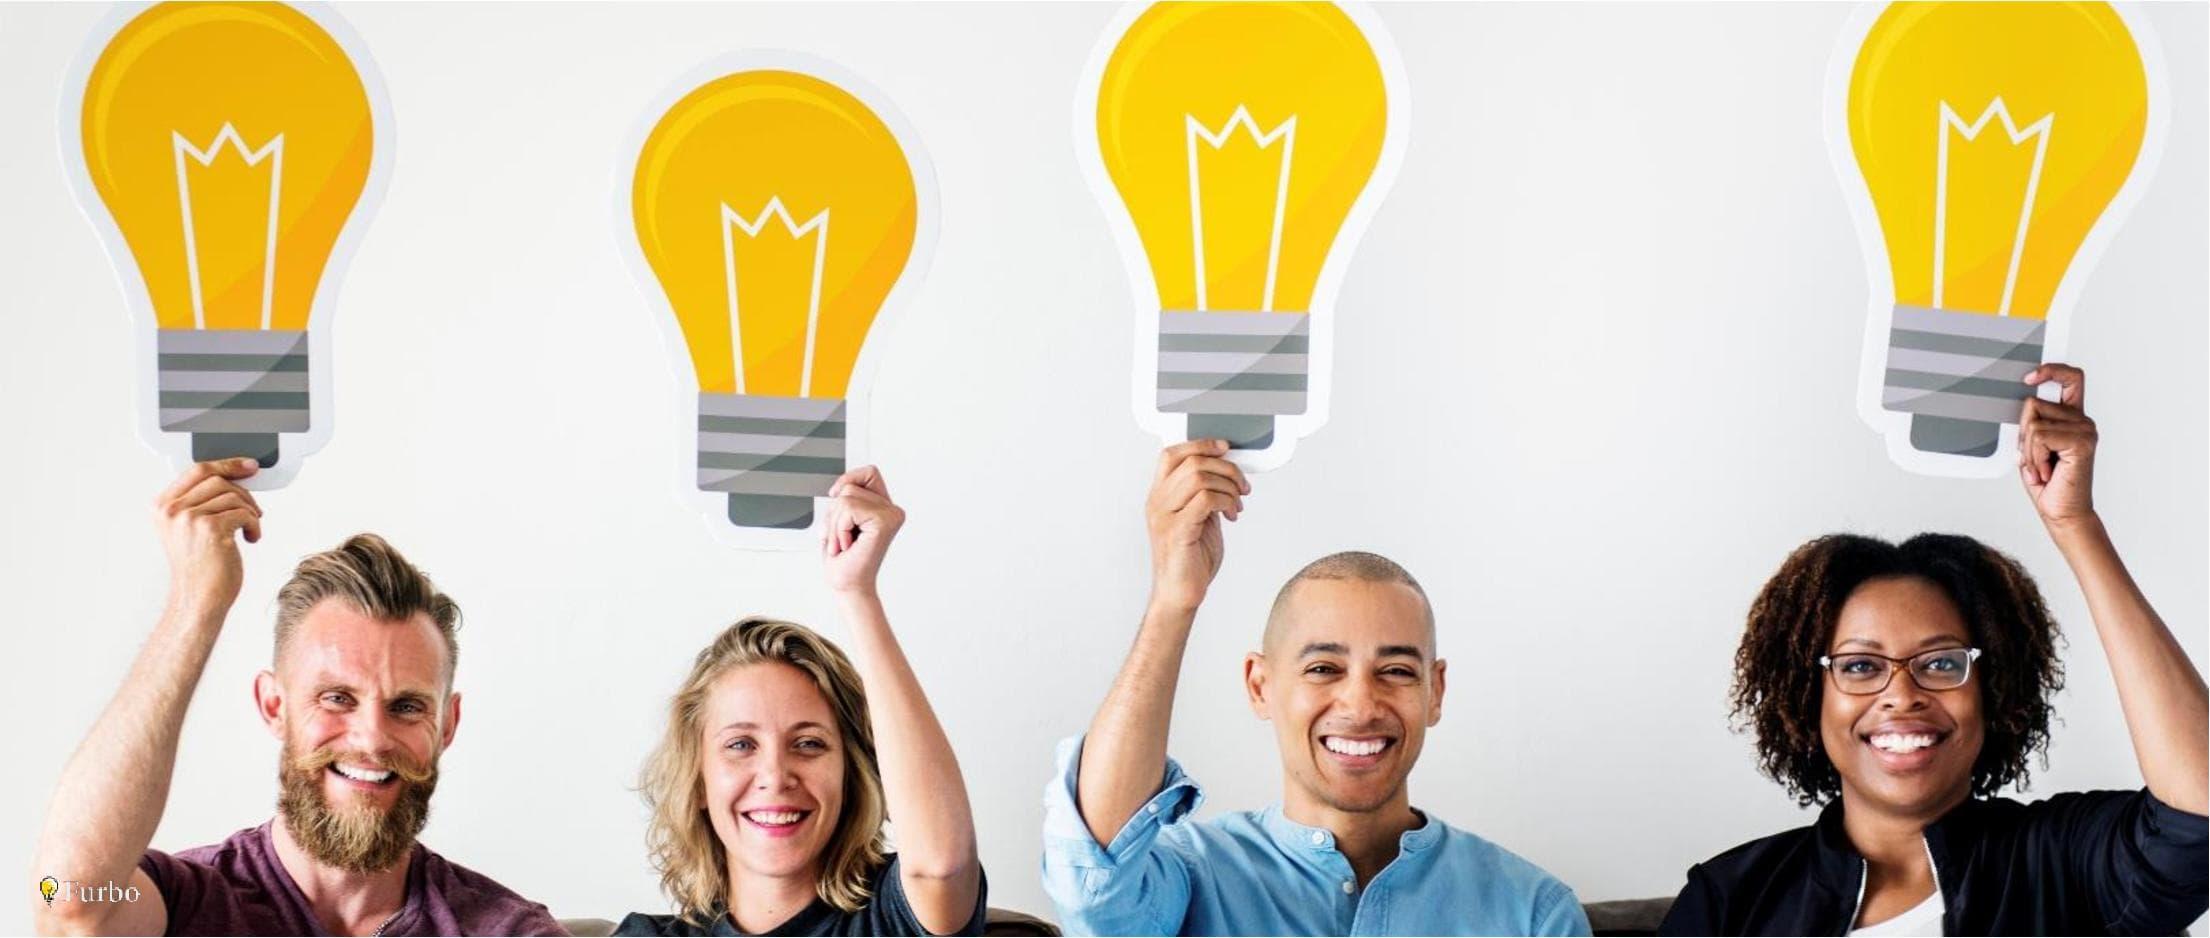 بهترین ایده کسب و کار اینترنتی را چطور پیدا کنیم؟